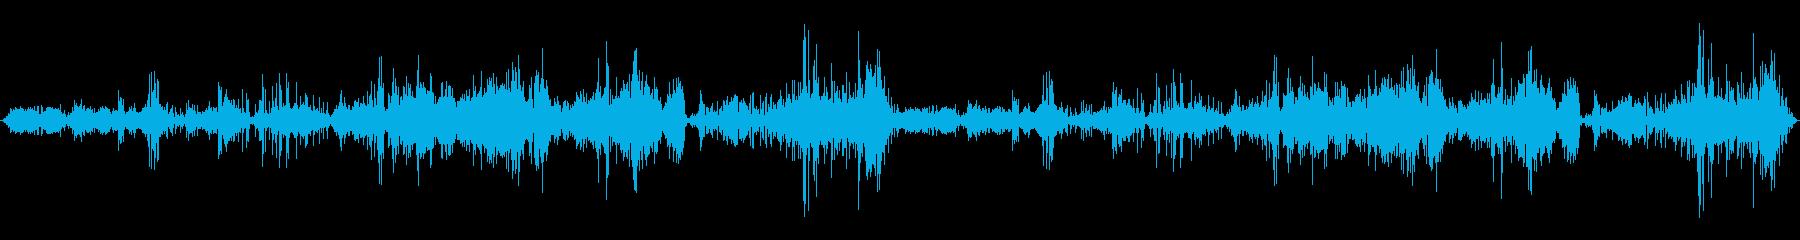 ボブスレー:オンボード、アイススク...の再生済みの波形